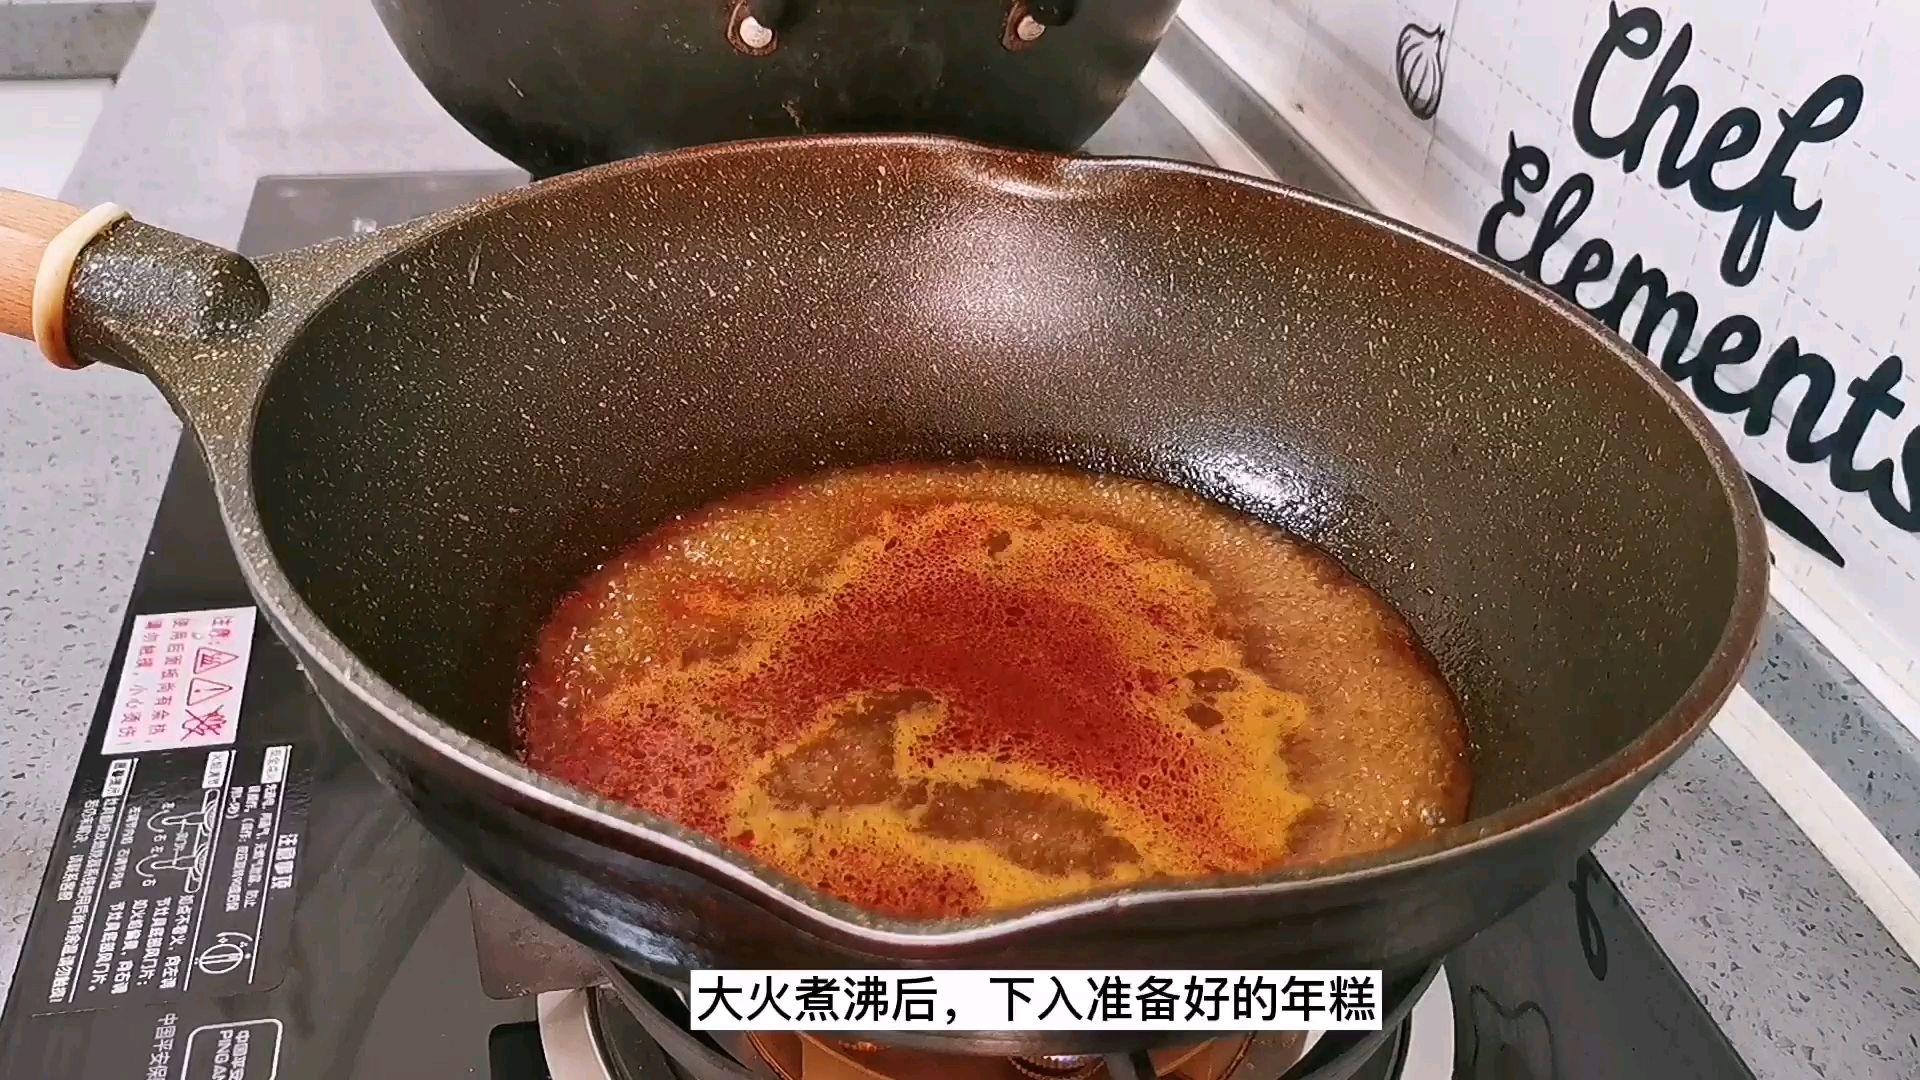 呷哺呷哺台式XO麻婆酱炒年糕,停不下来的美味怎么吃